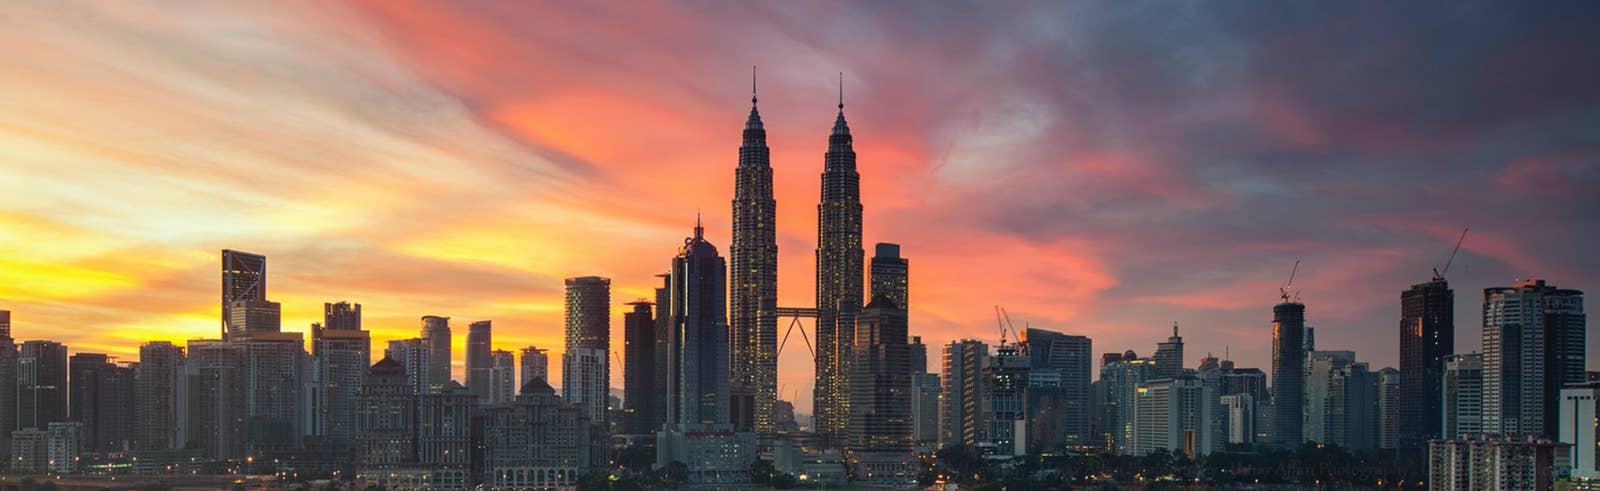 CompareHero Malaysia